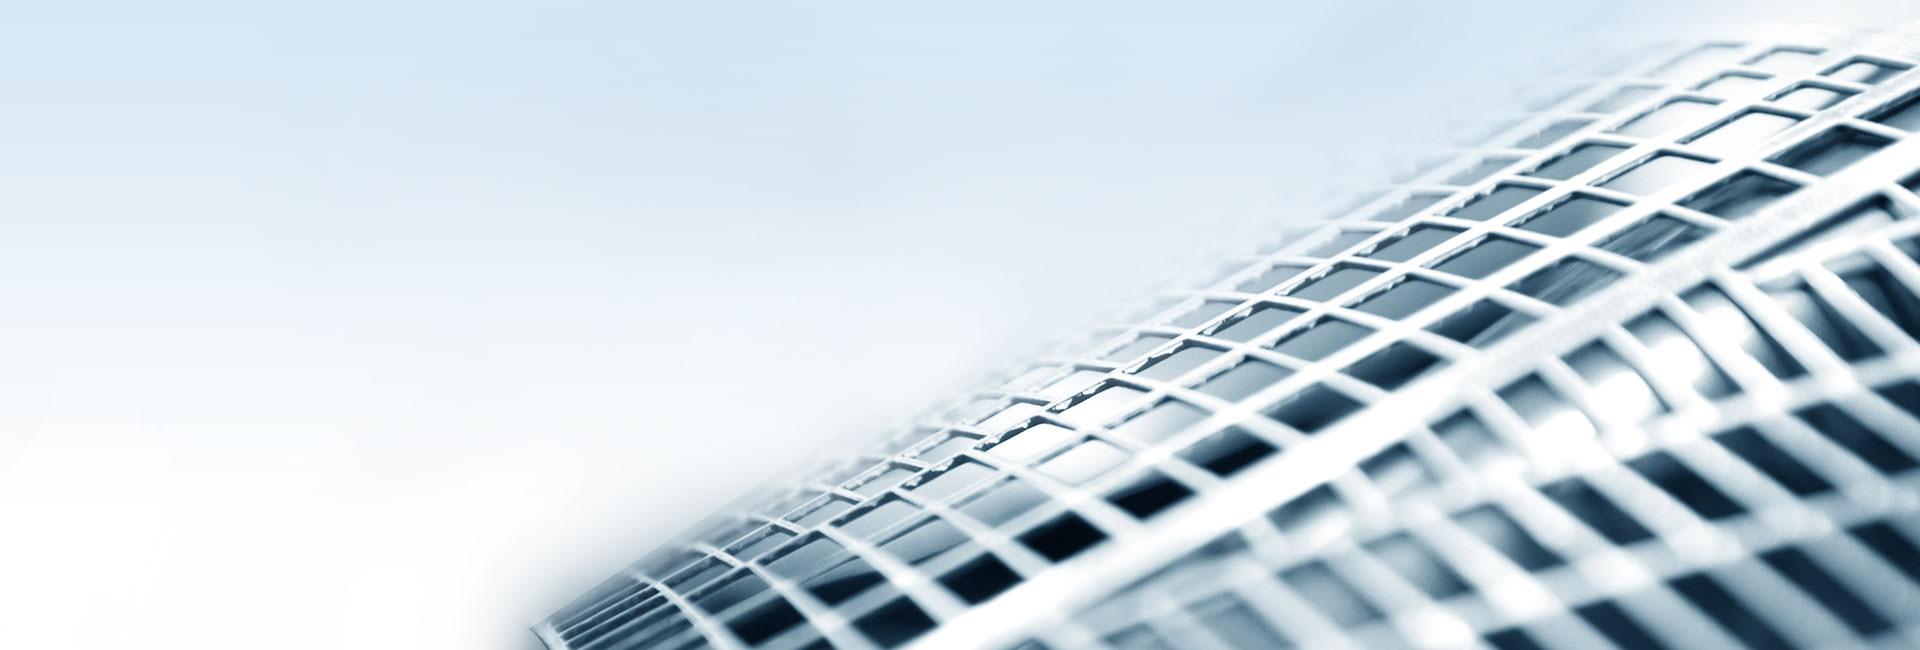 在精密冲压技术正极板栅外部找到倍伏锐受专利保护的板栅技术标志